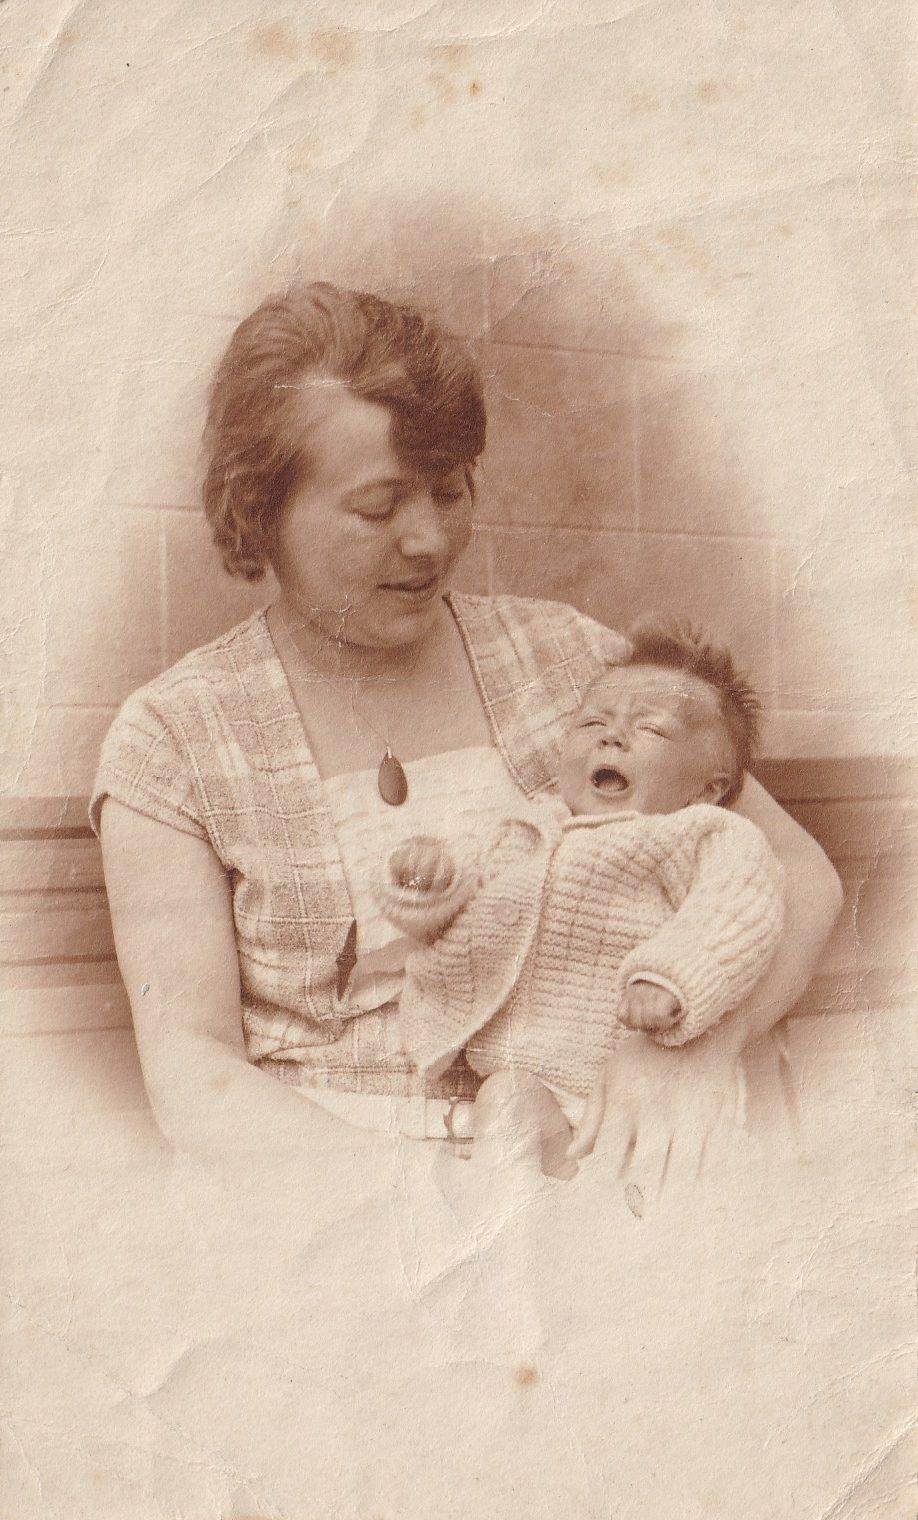 Pochette  Femme avec bébé qui pleure dans les bras Format   rotated